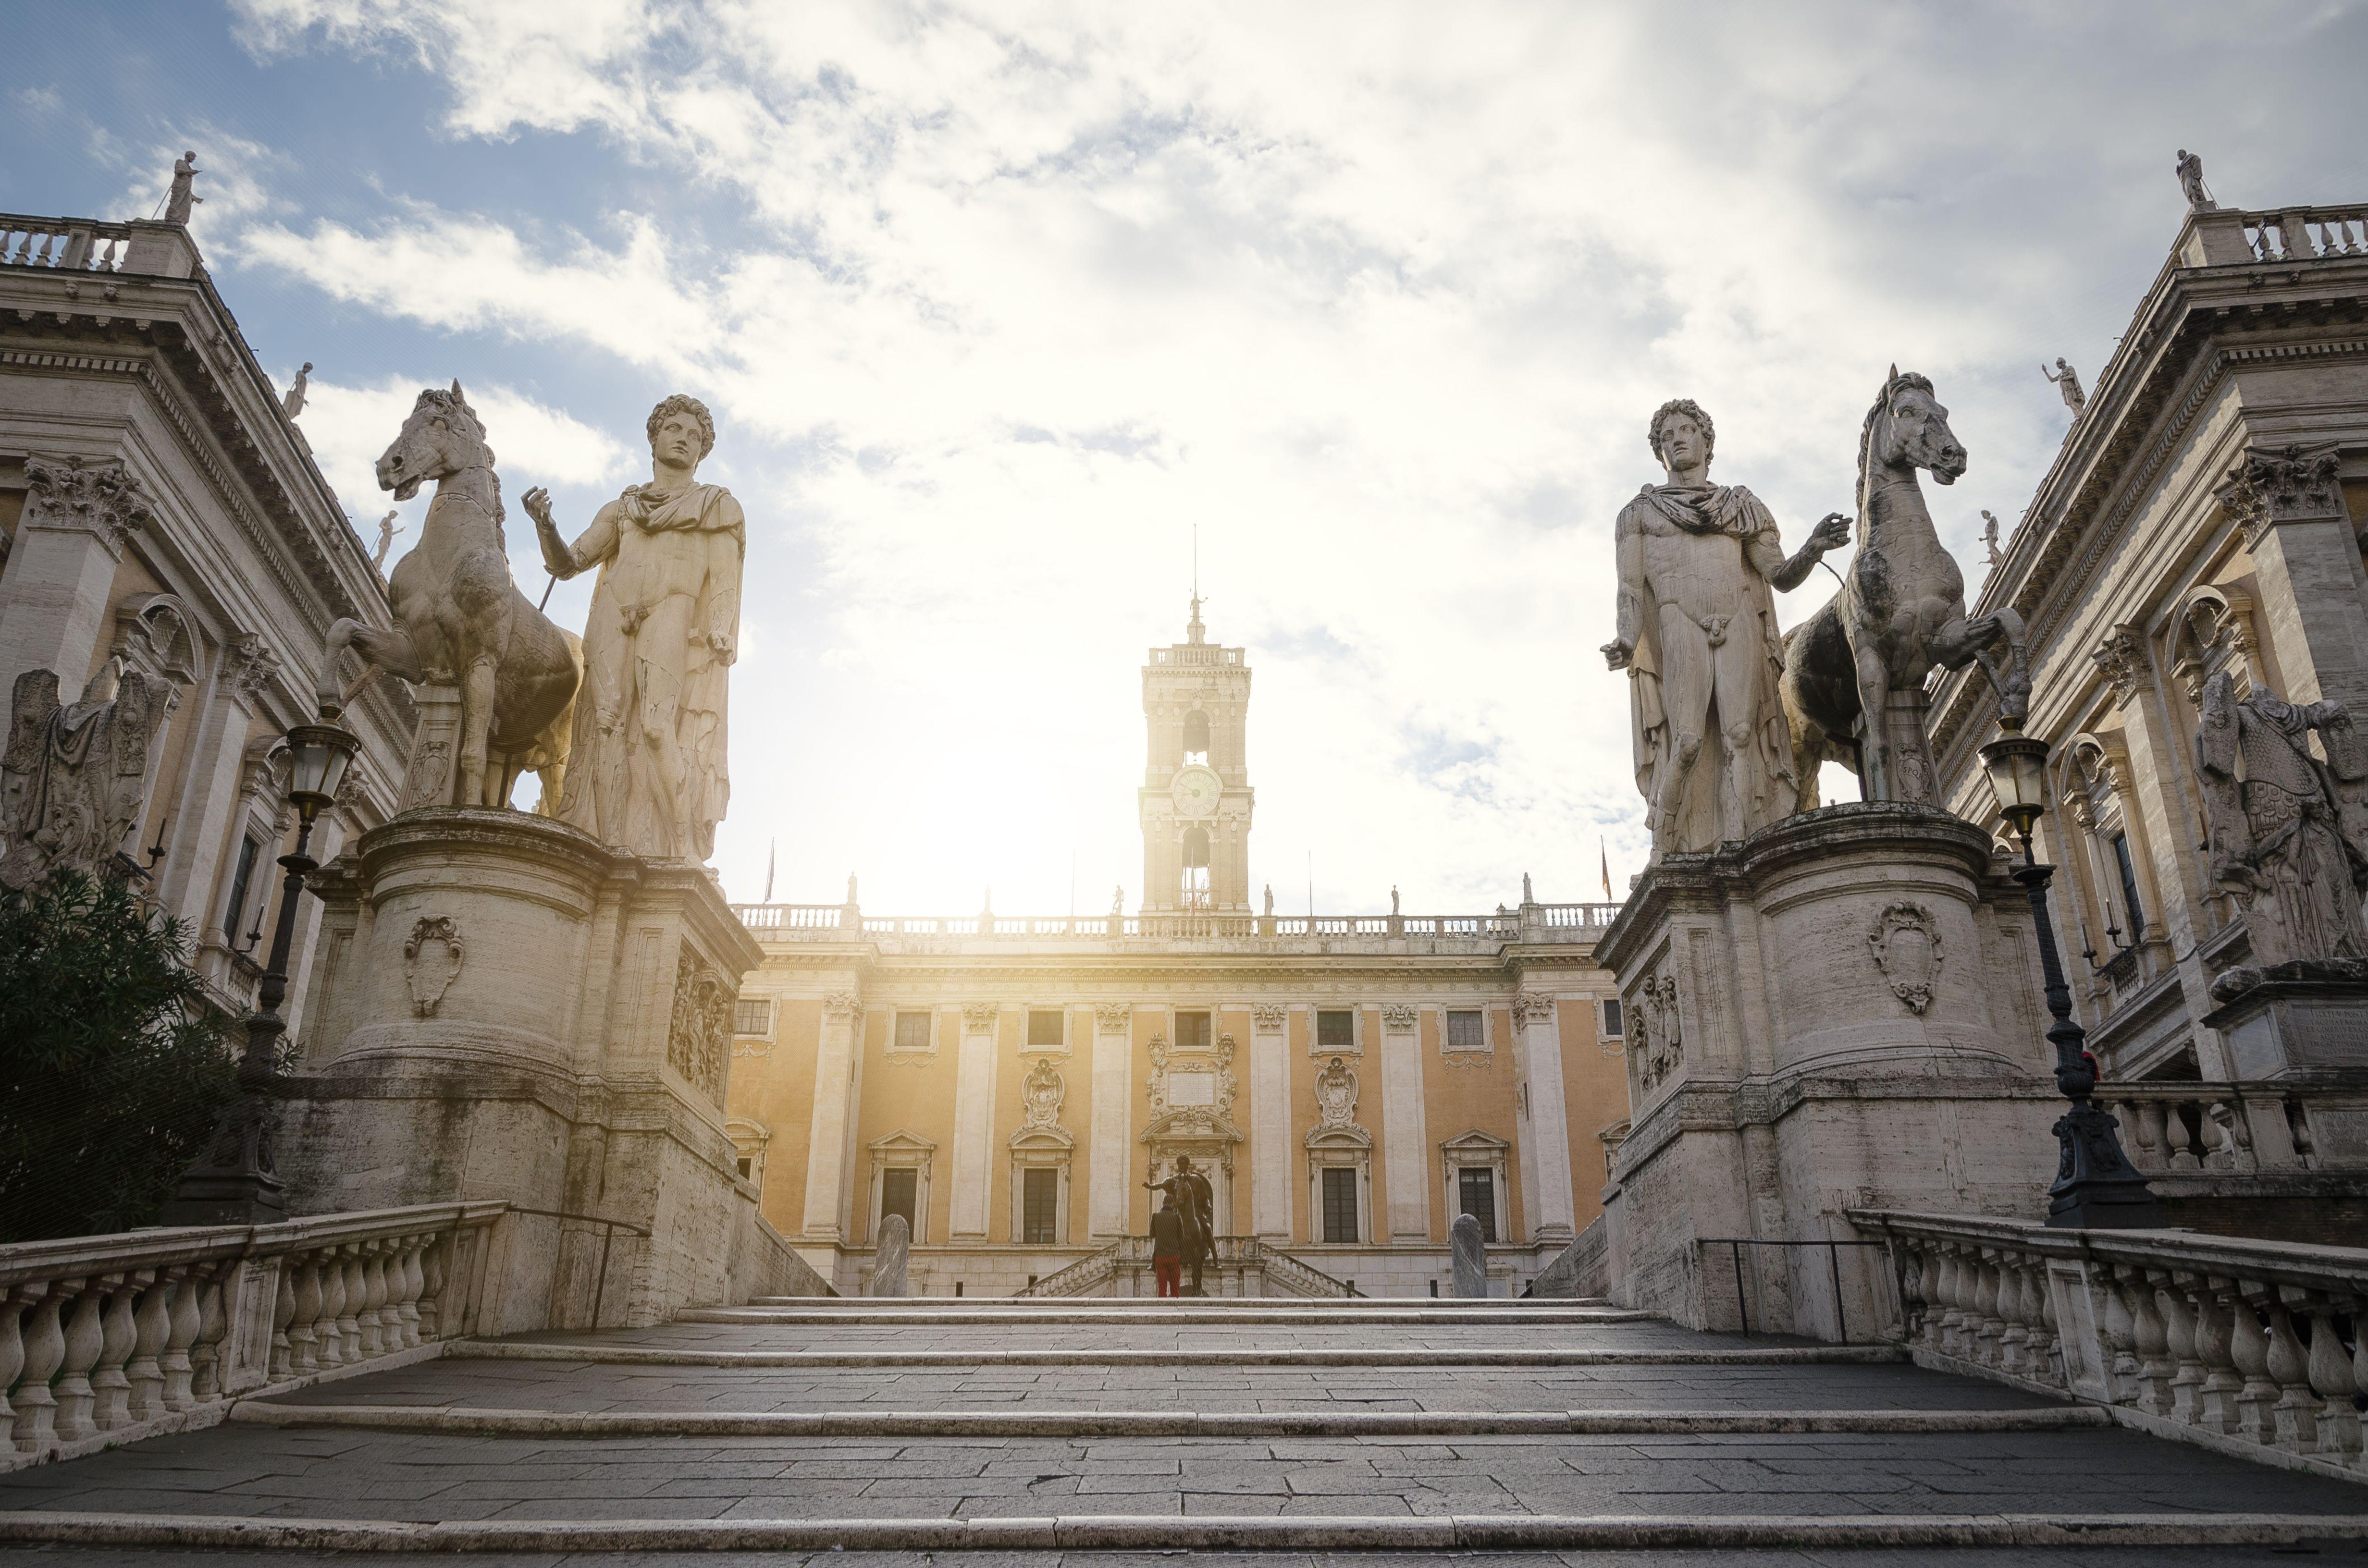 Pasos hasta la Piazza Campidoglio o La Colina Capitolina, centro de Roma, Italia